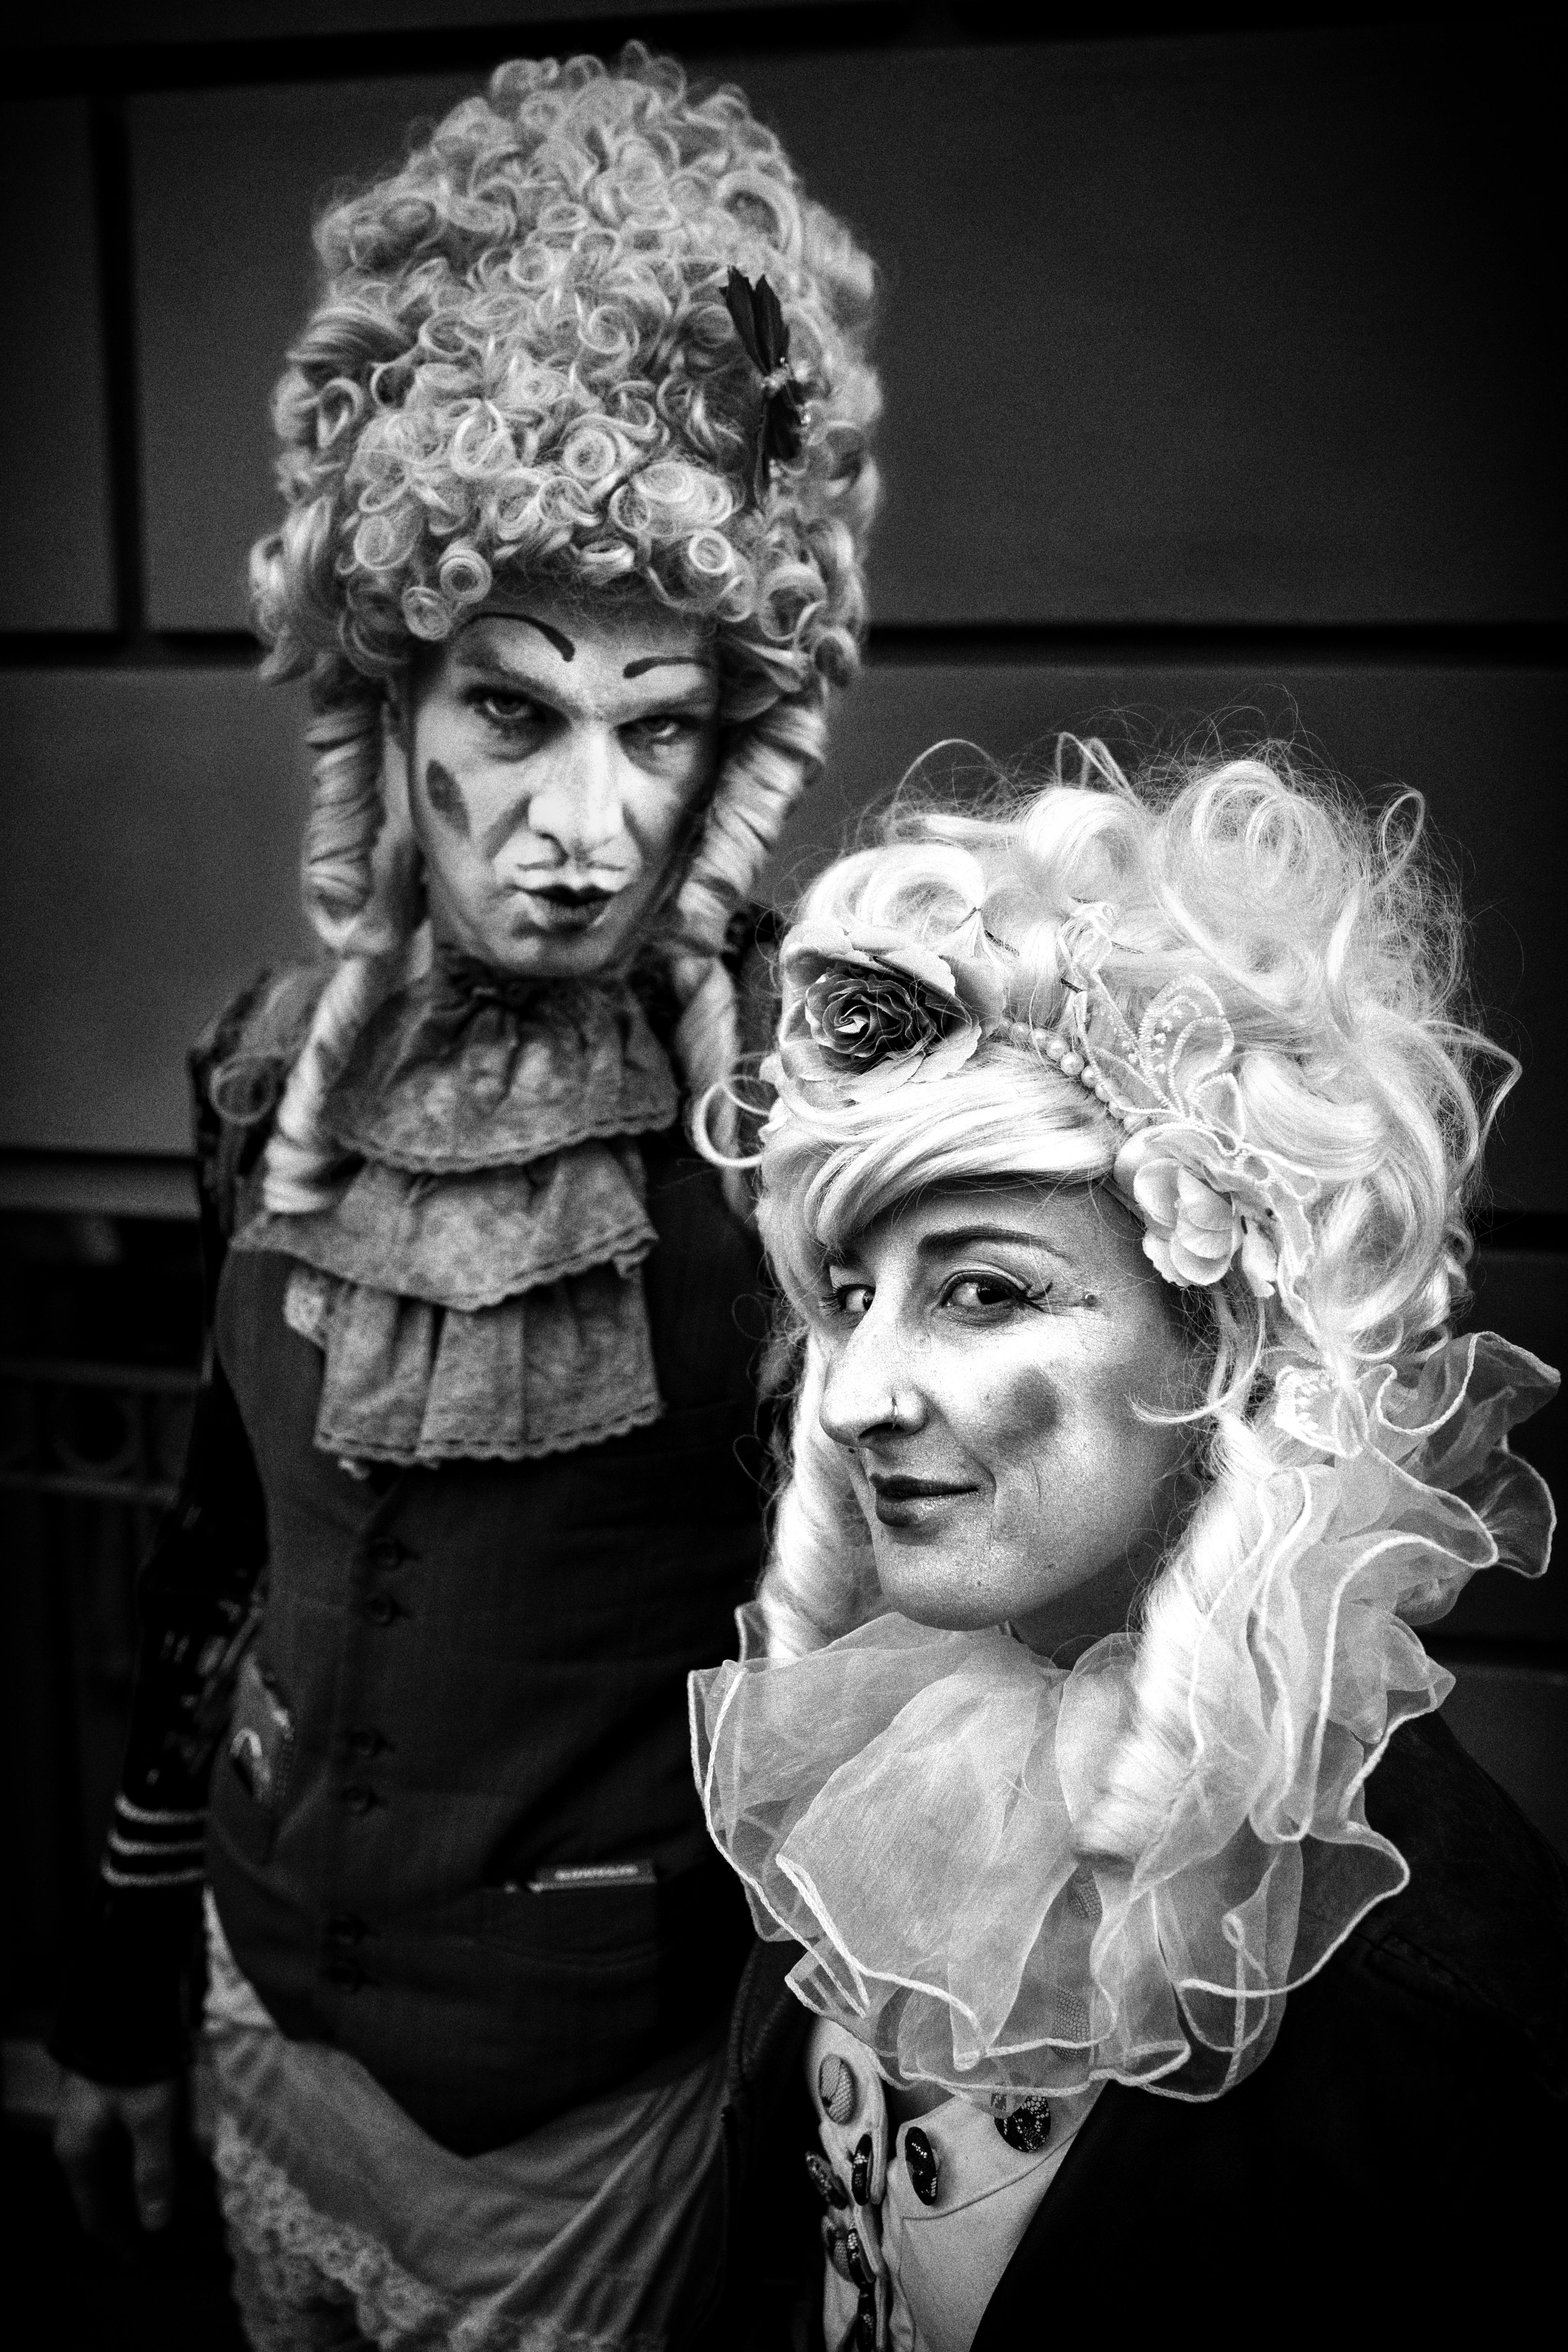 Caminando por la calles de Berlín, Alemania, encontré estas damas antiguas. Les pedí permiso y en forma inmediata accedieron a mi pedido de tomarles una foto. Muchas gracias. Good show Berlín.